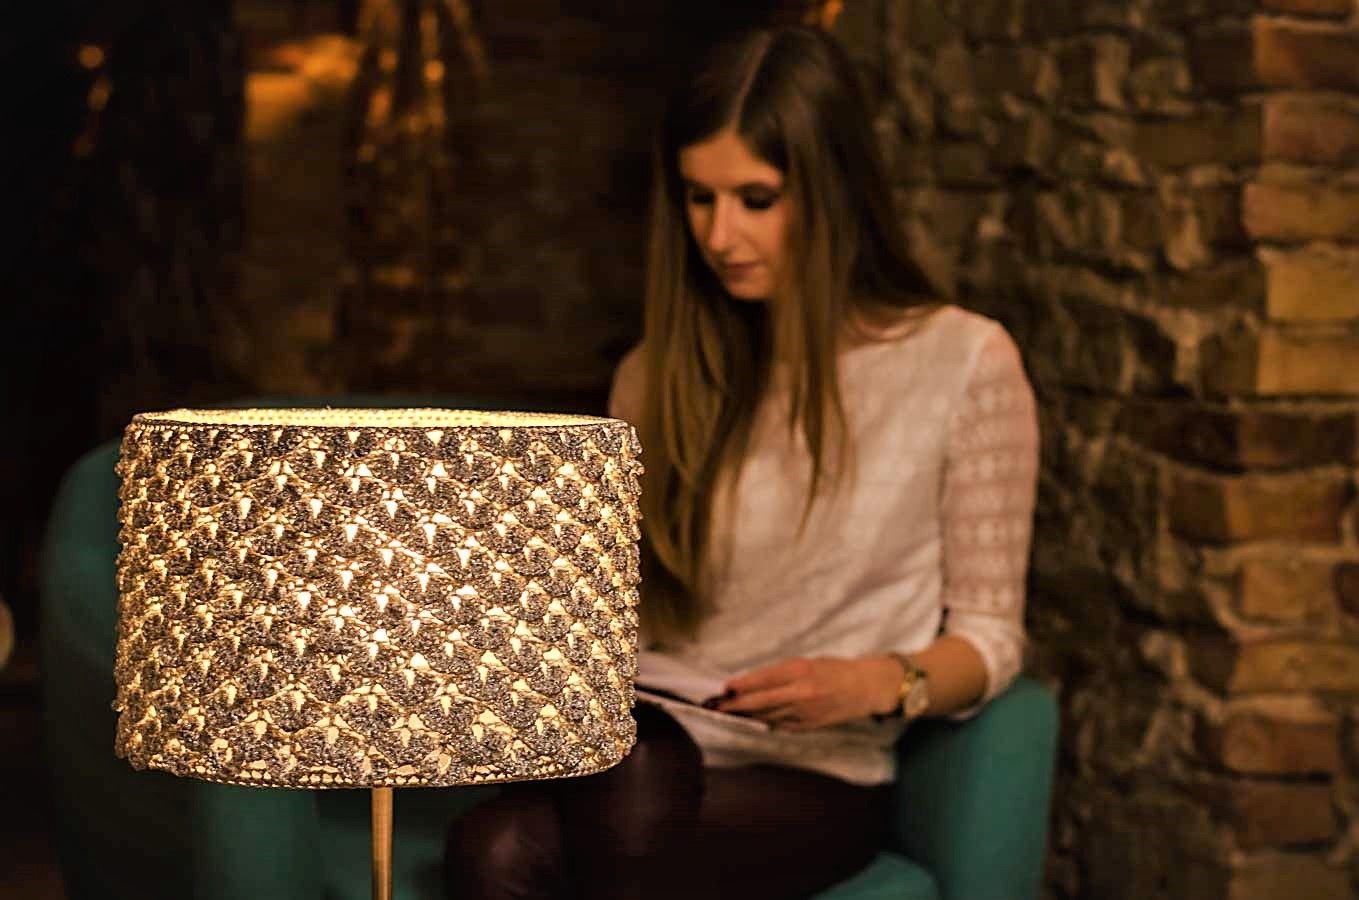 lampa zrobiona na szydełku i kobieta czytająca lampę